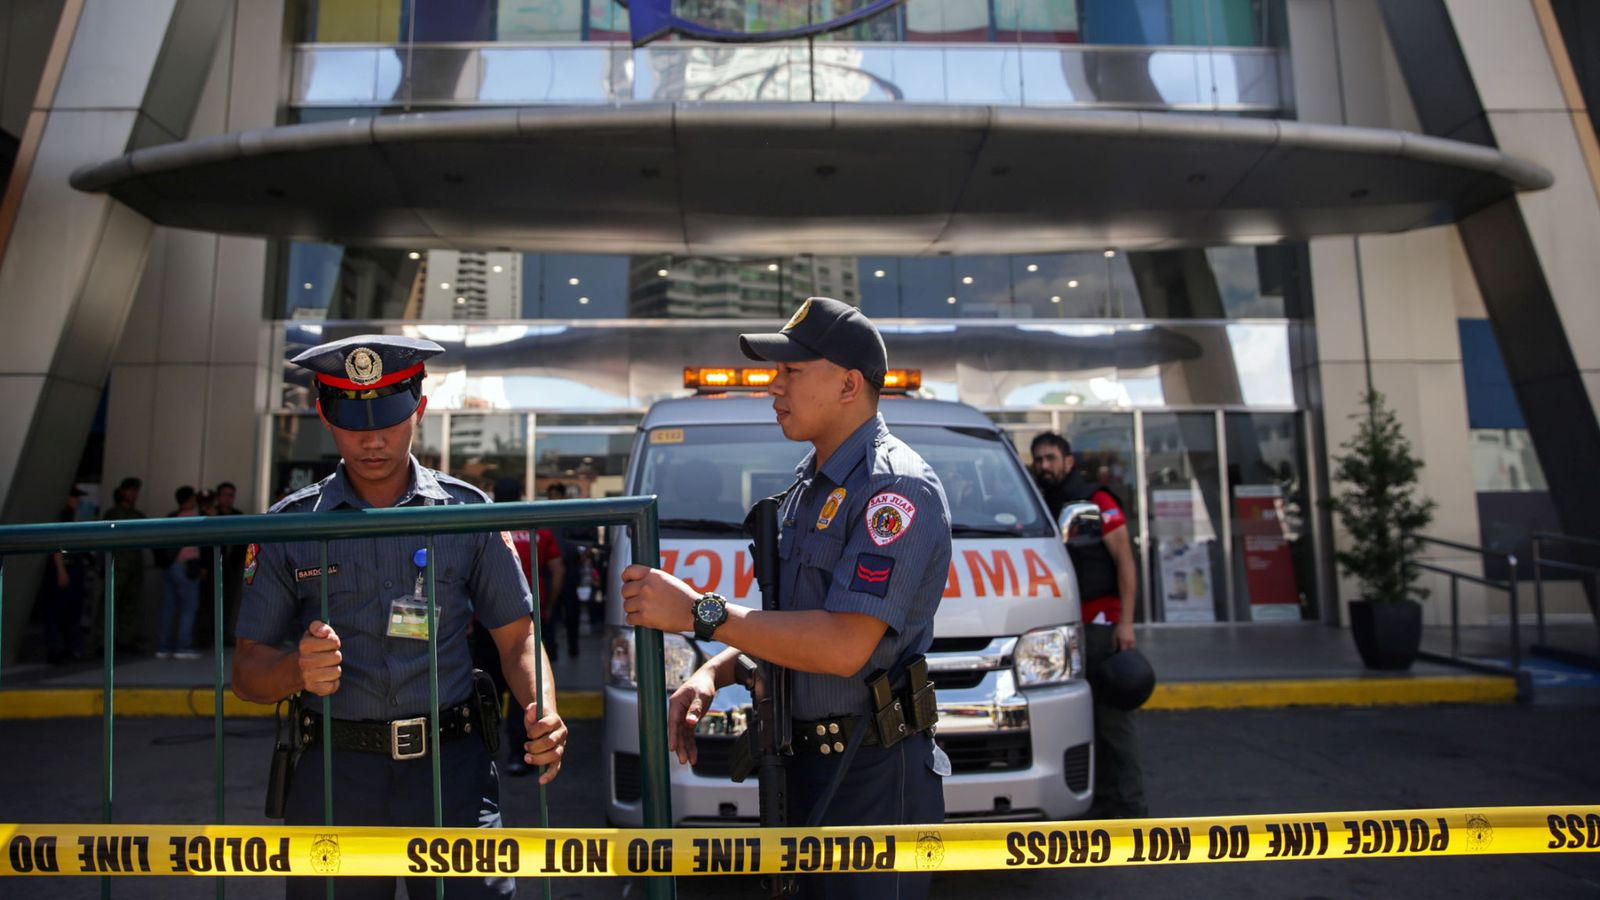 菲律宾一商场发生劫持事件:嫌犯因被解雇感到糟糕